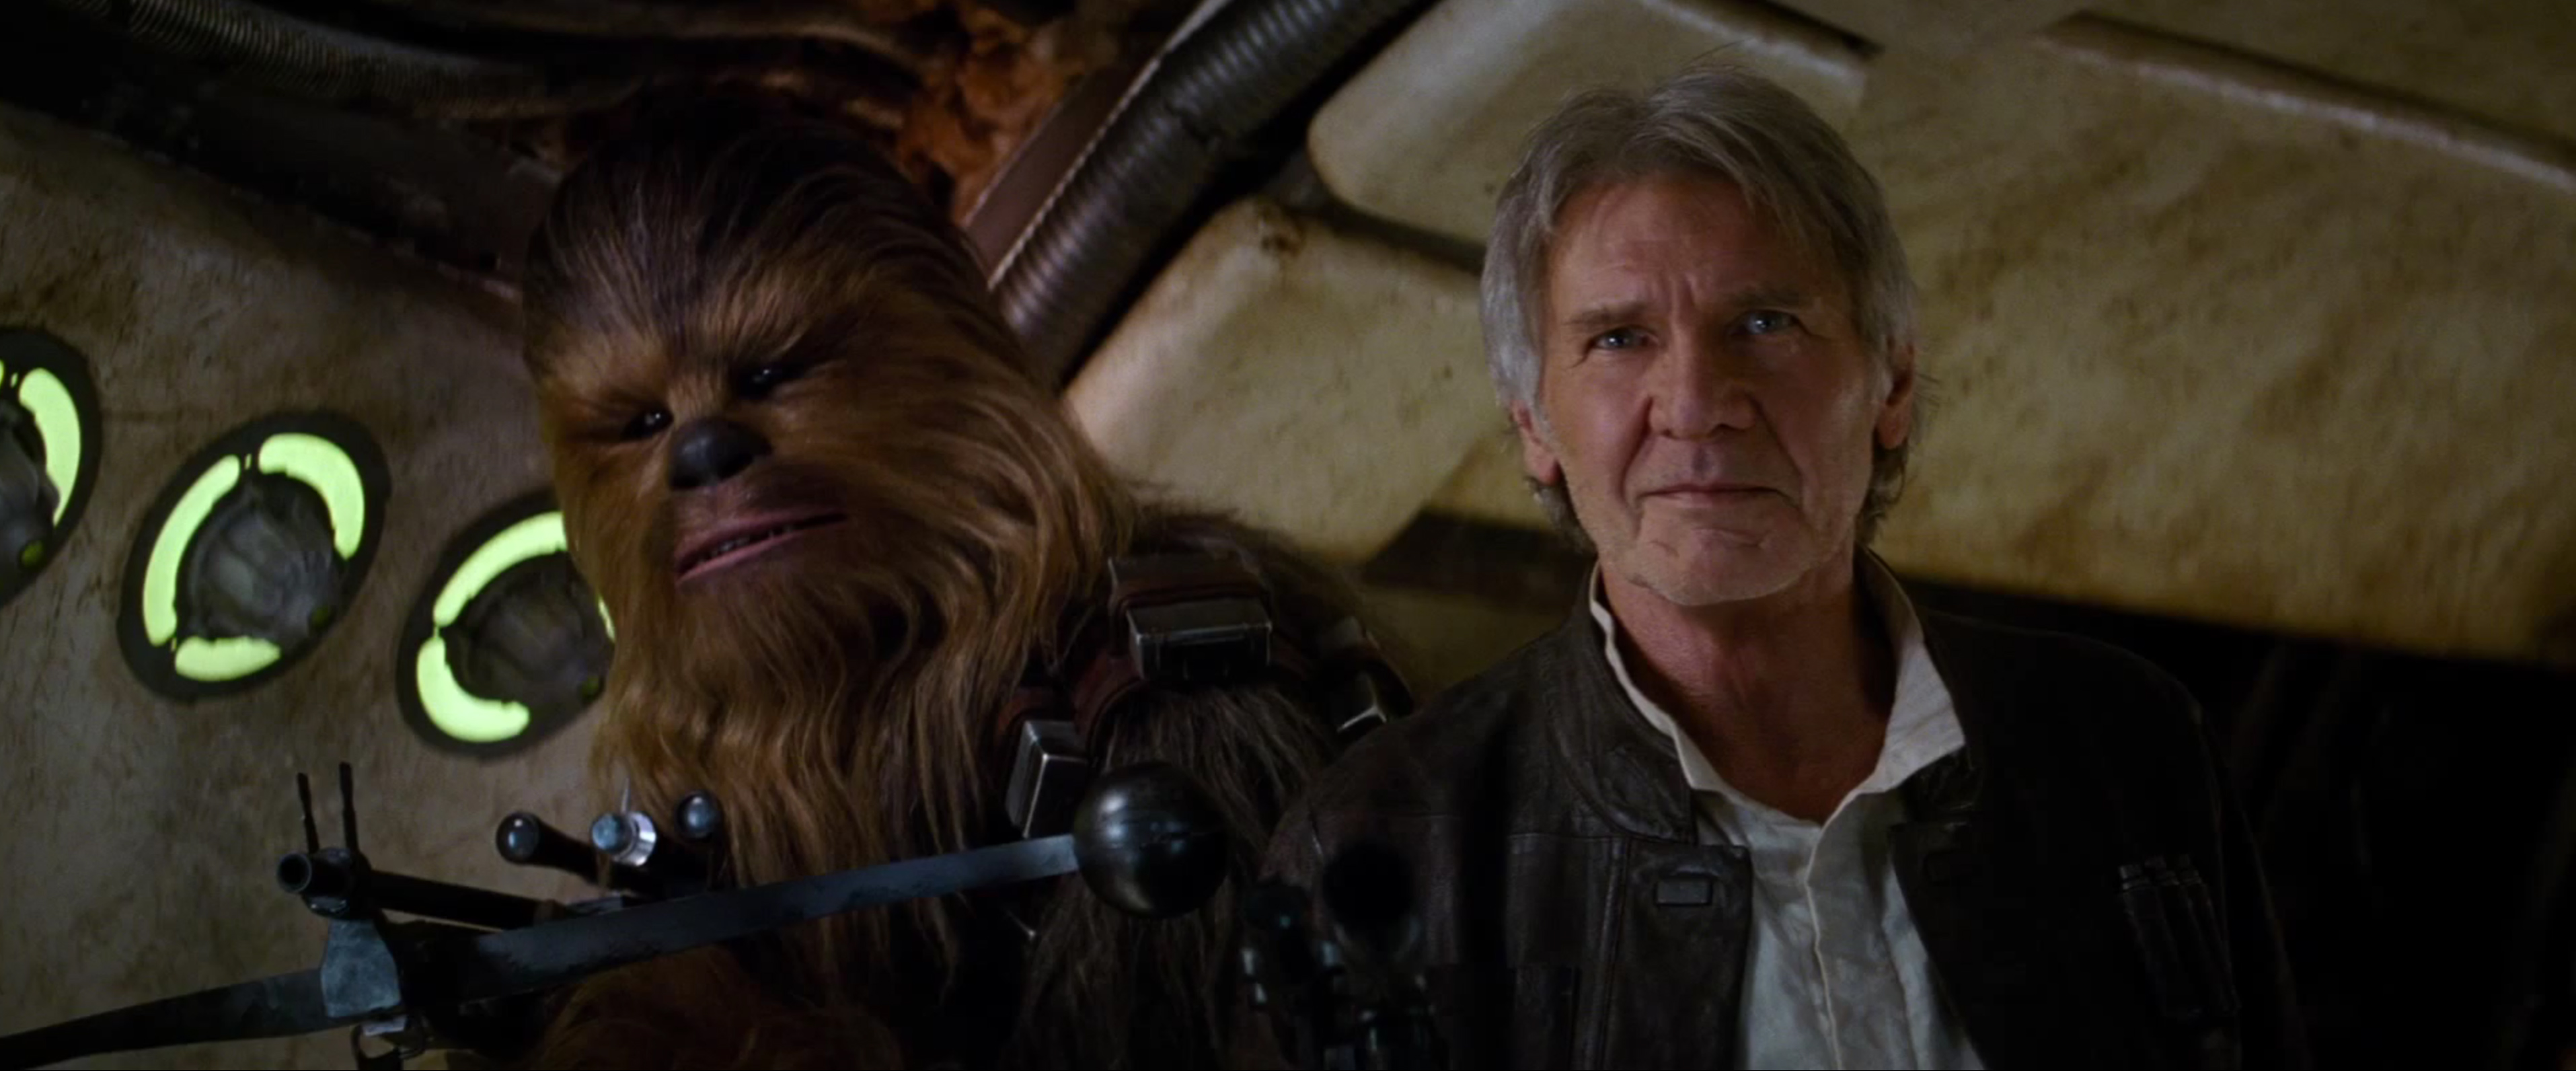 StarWars-The-Force-Awakens-Harrison-Ford